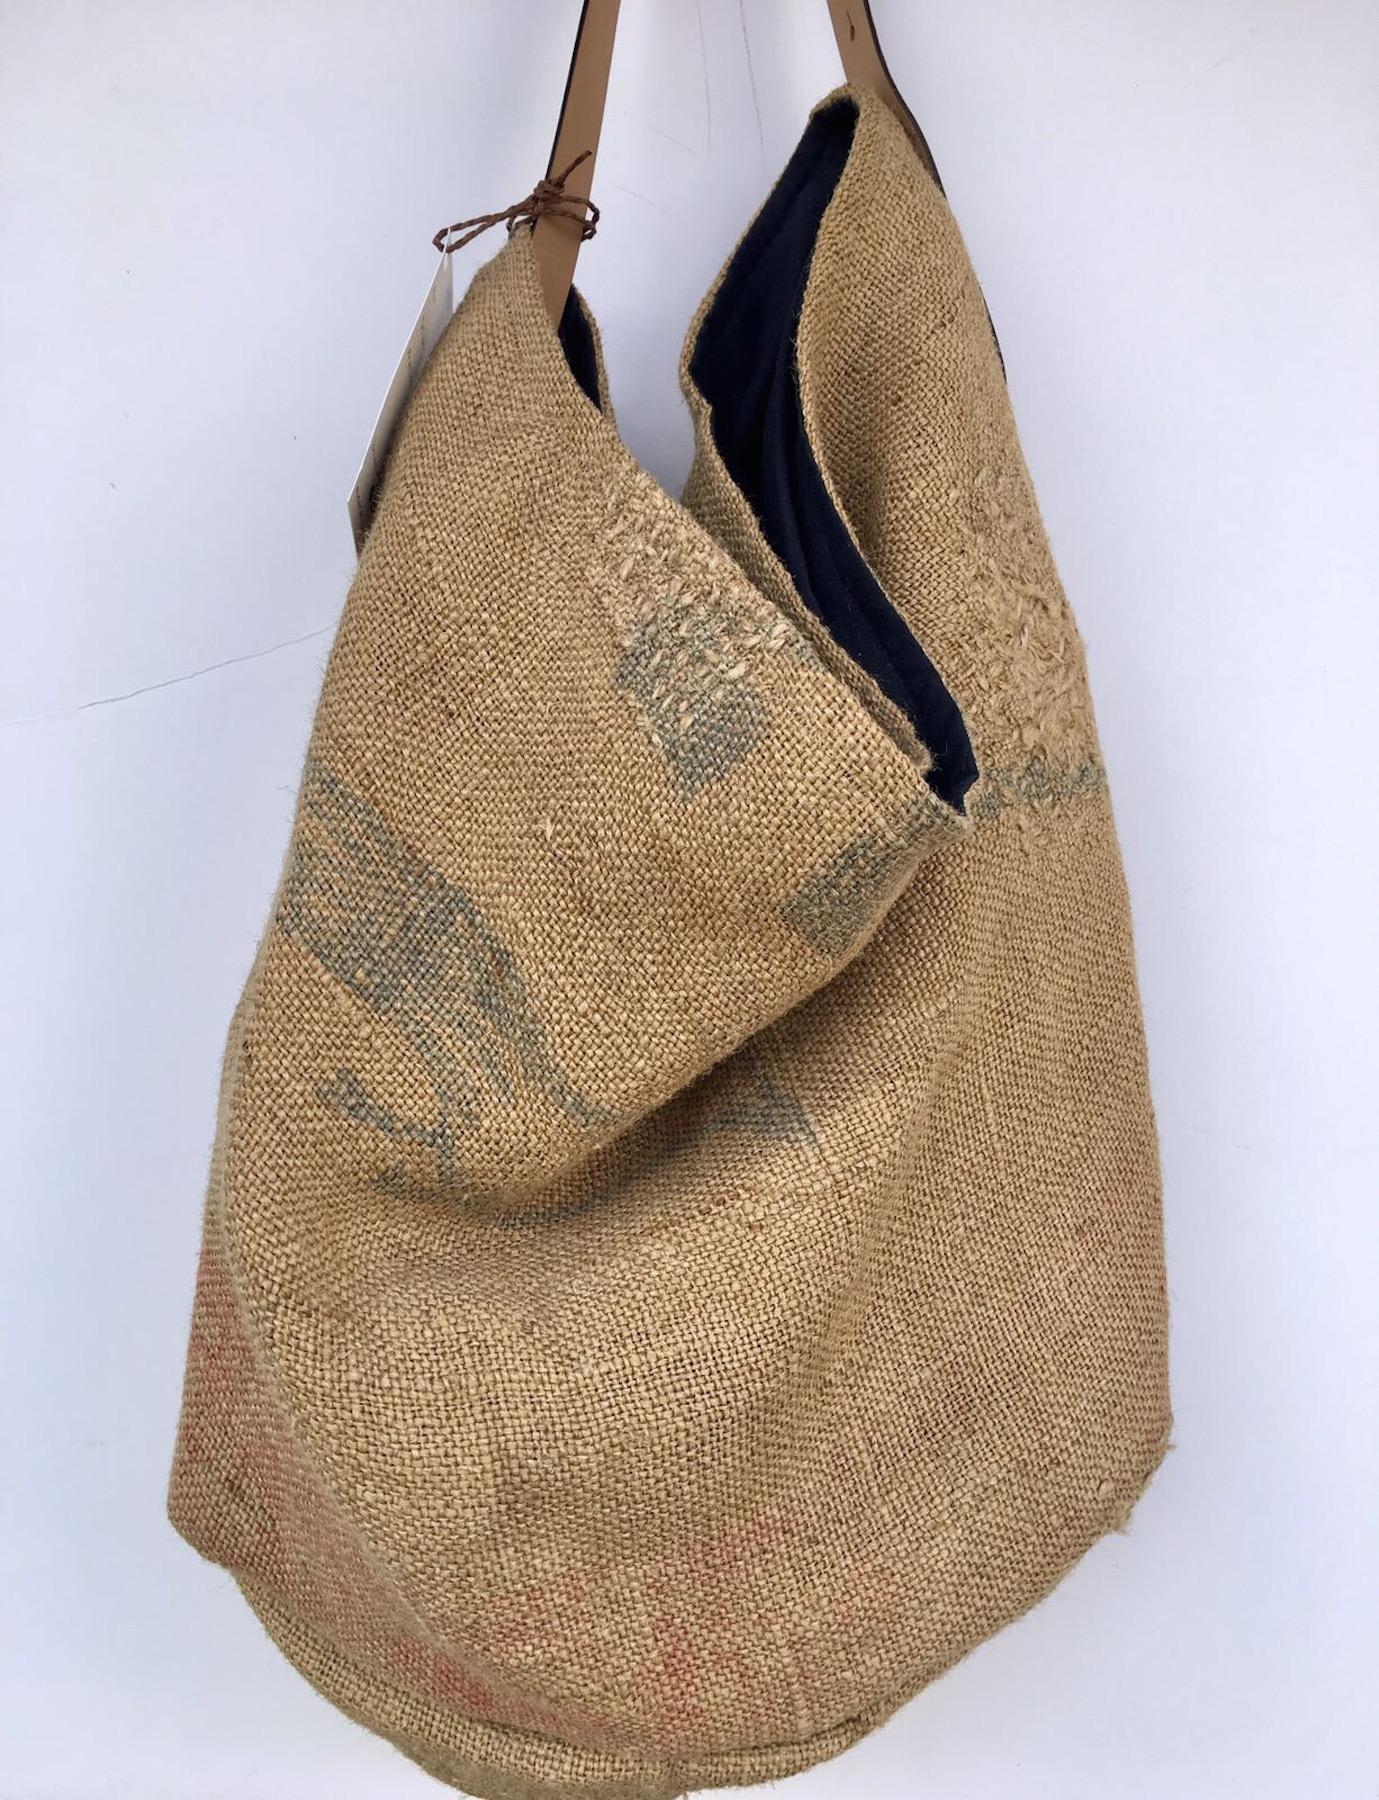 mejor barato barato producto caliente Bolso saco – MusaranyaShop Tienda de Ropa y Complementos